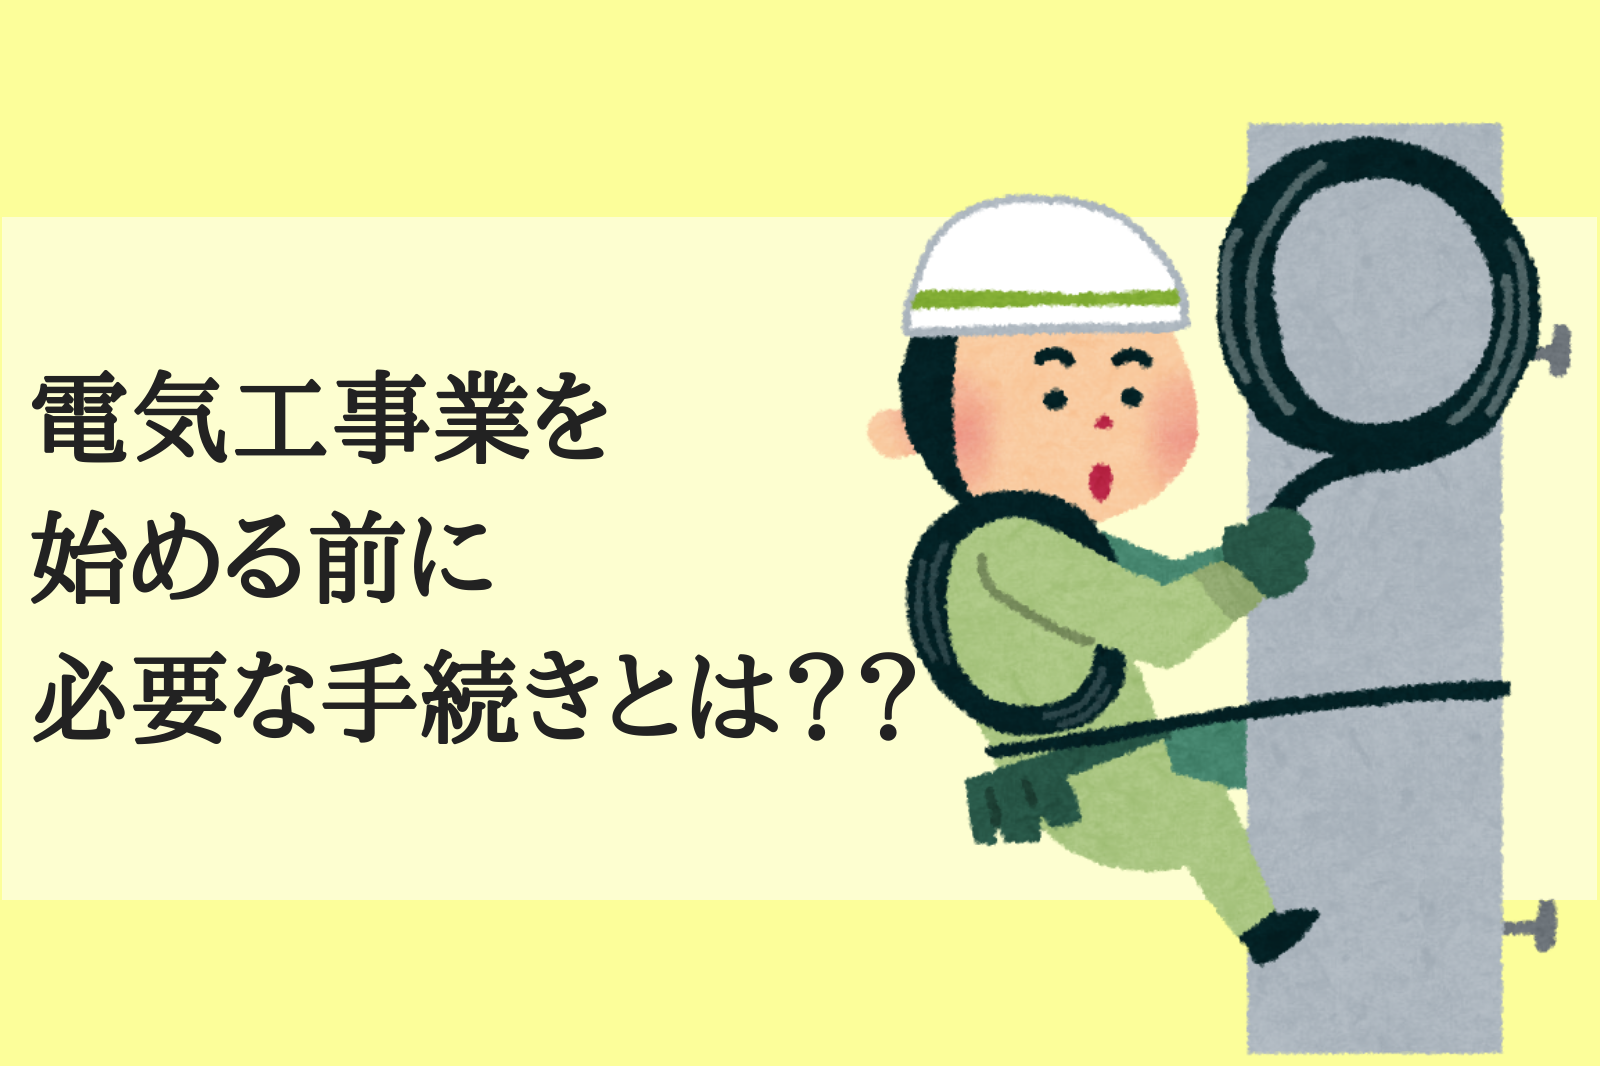 電気工事業を始めるには? (1)